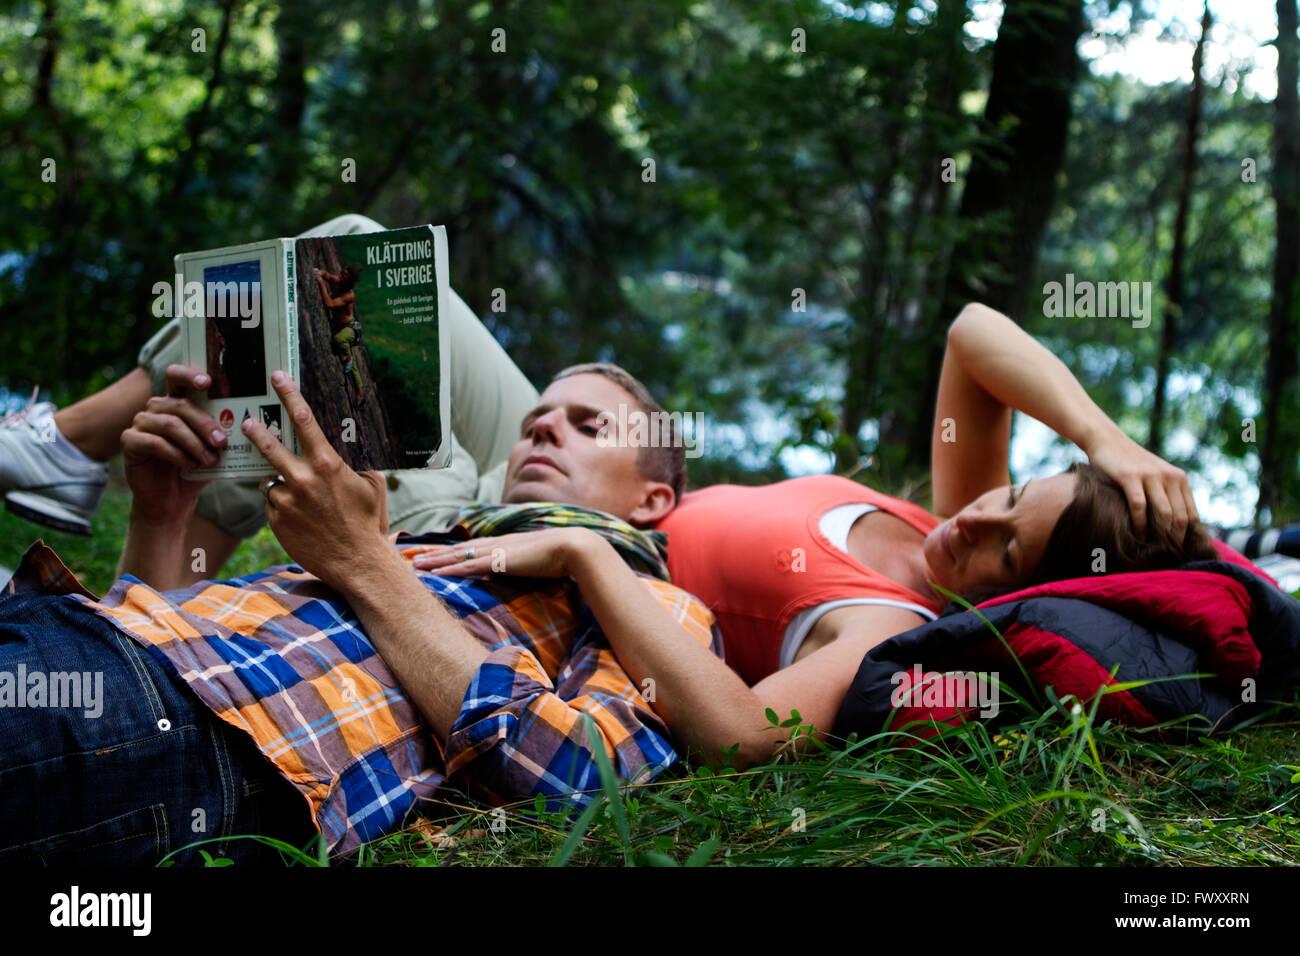 Suecia, Agelsjon Ostergotland, excursionistas, tumbado sobre el césped y leyendo la guía Imagen De Stock